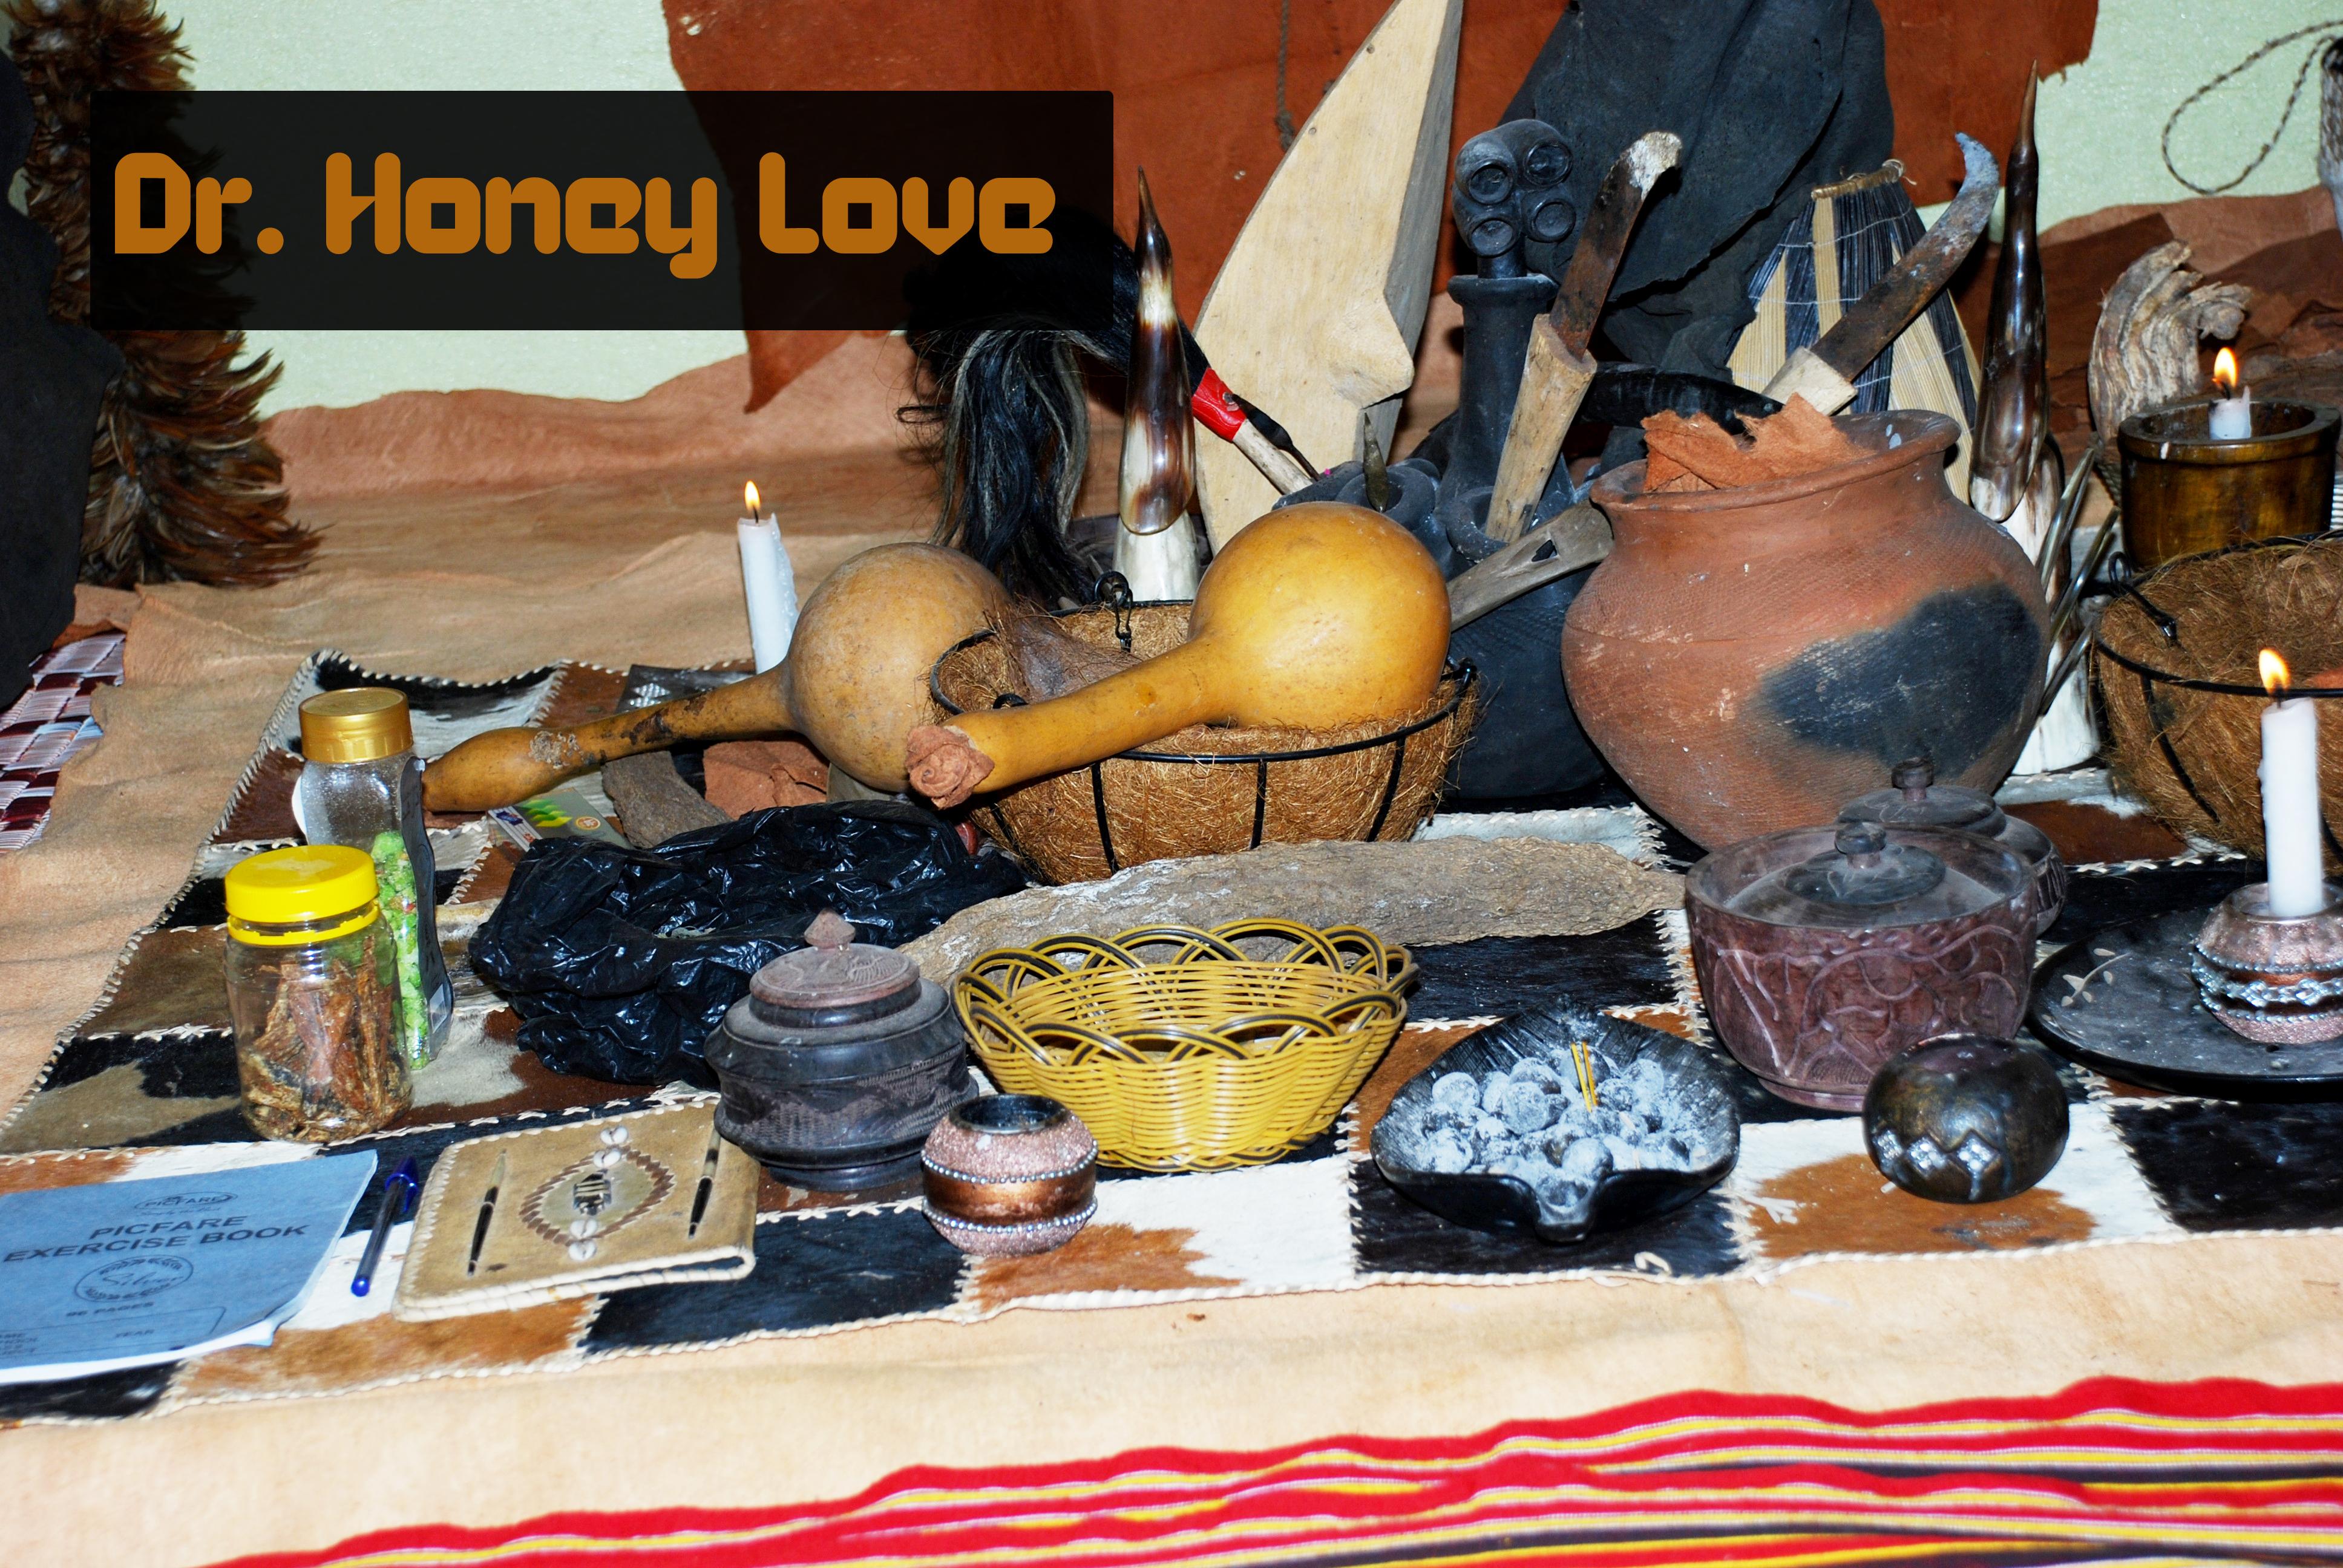 Stop cheating spellsRotterdam - traditional healer - love spells